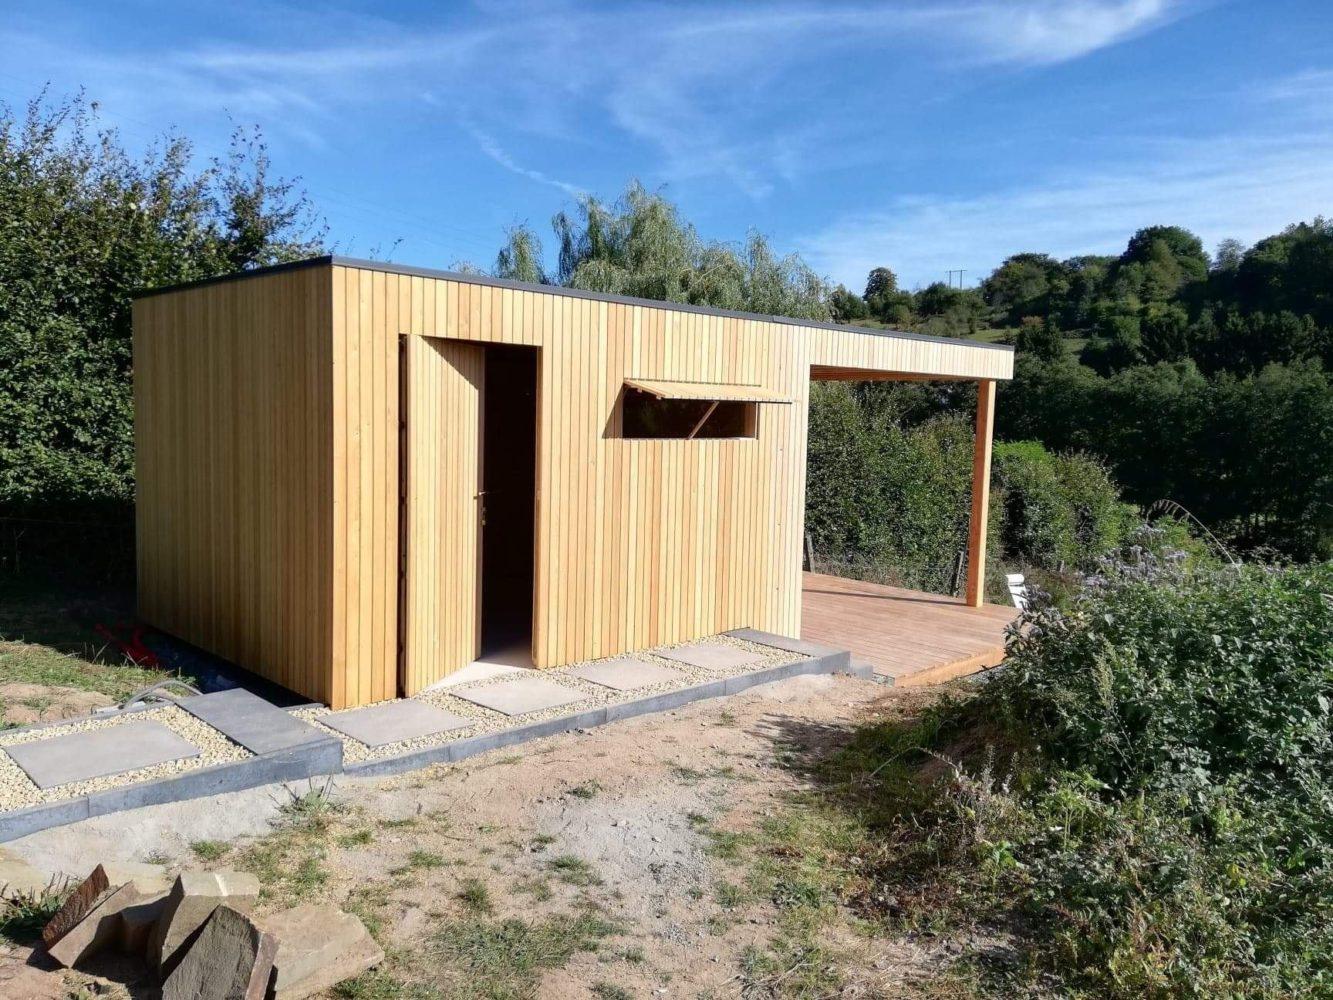 Tendance Bois - Menuiserie Et Mobilier Bois | Abri De Jardin ... avec Abri Jardin Design